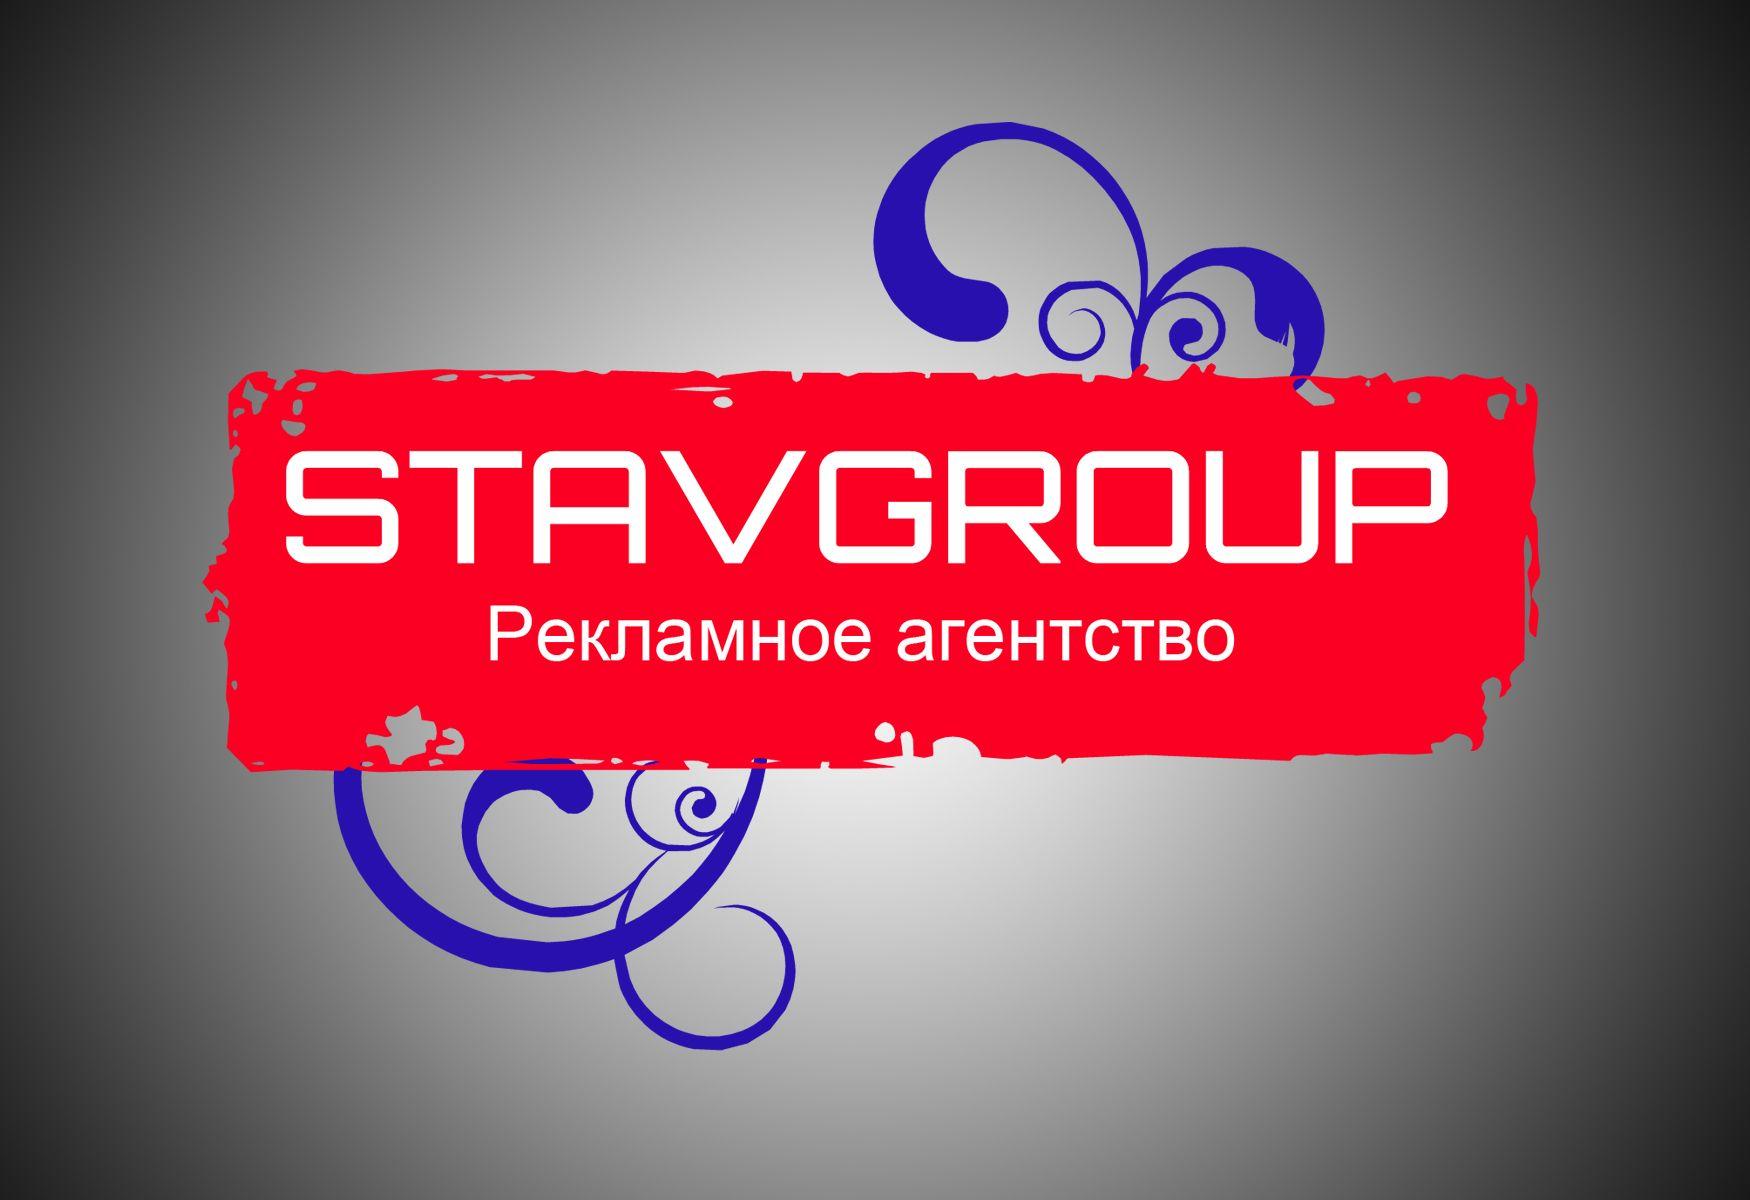 Лого и фирменный стиль для STAVGROUP - дизайнер Sketch_Ru